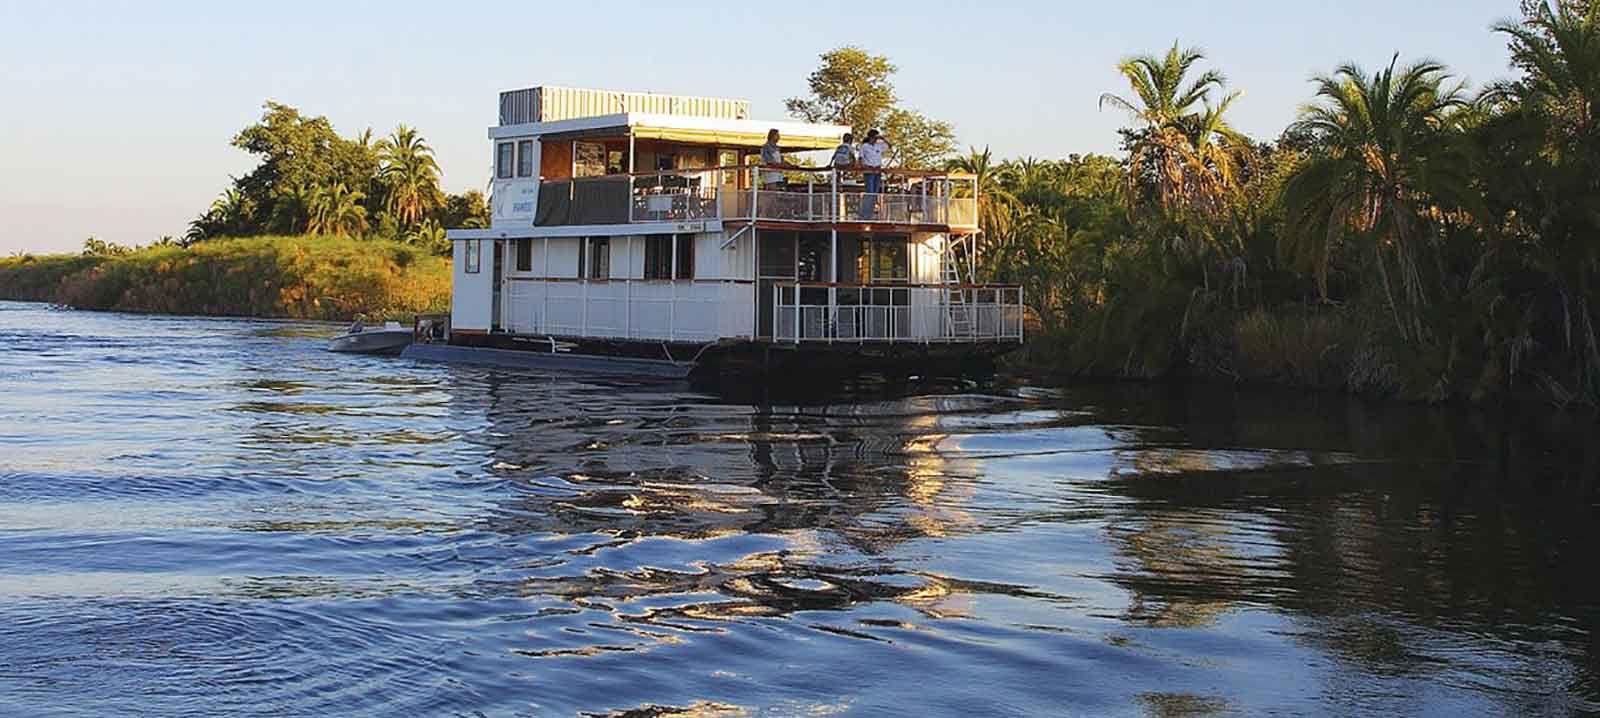 Ngwesi Houseboat